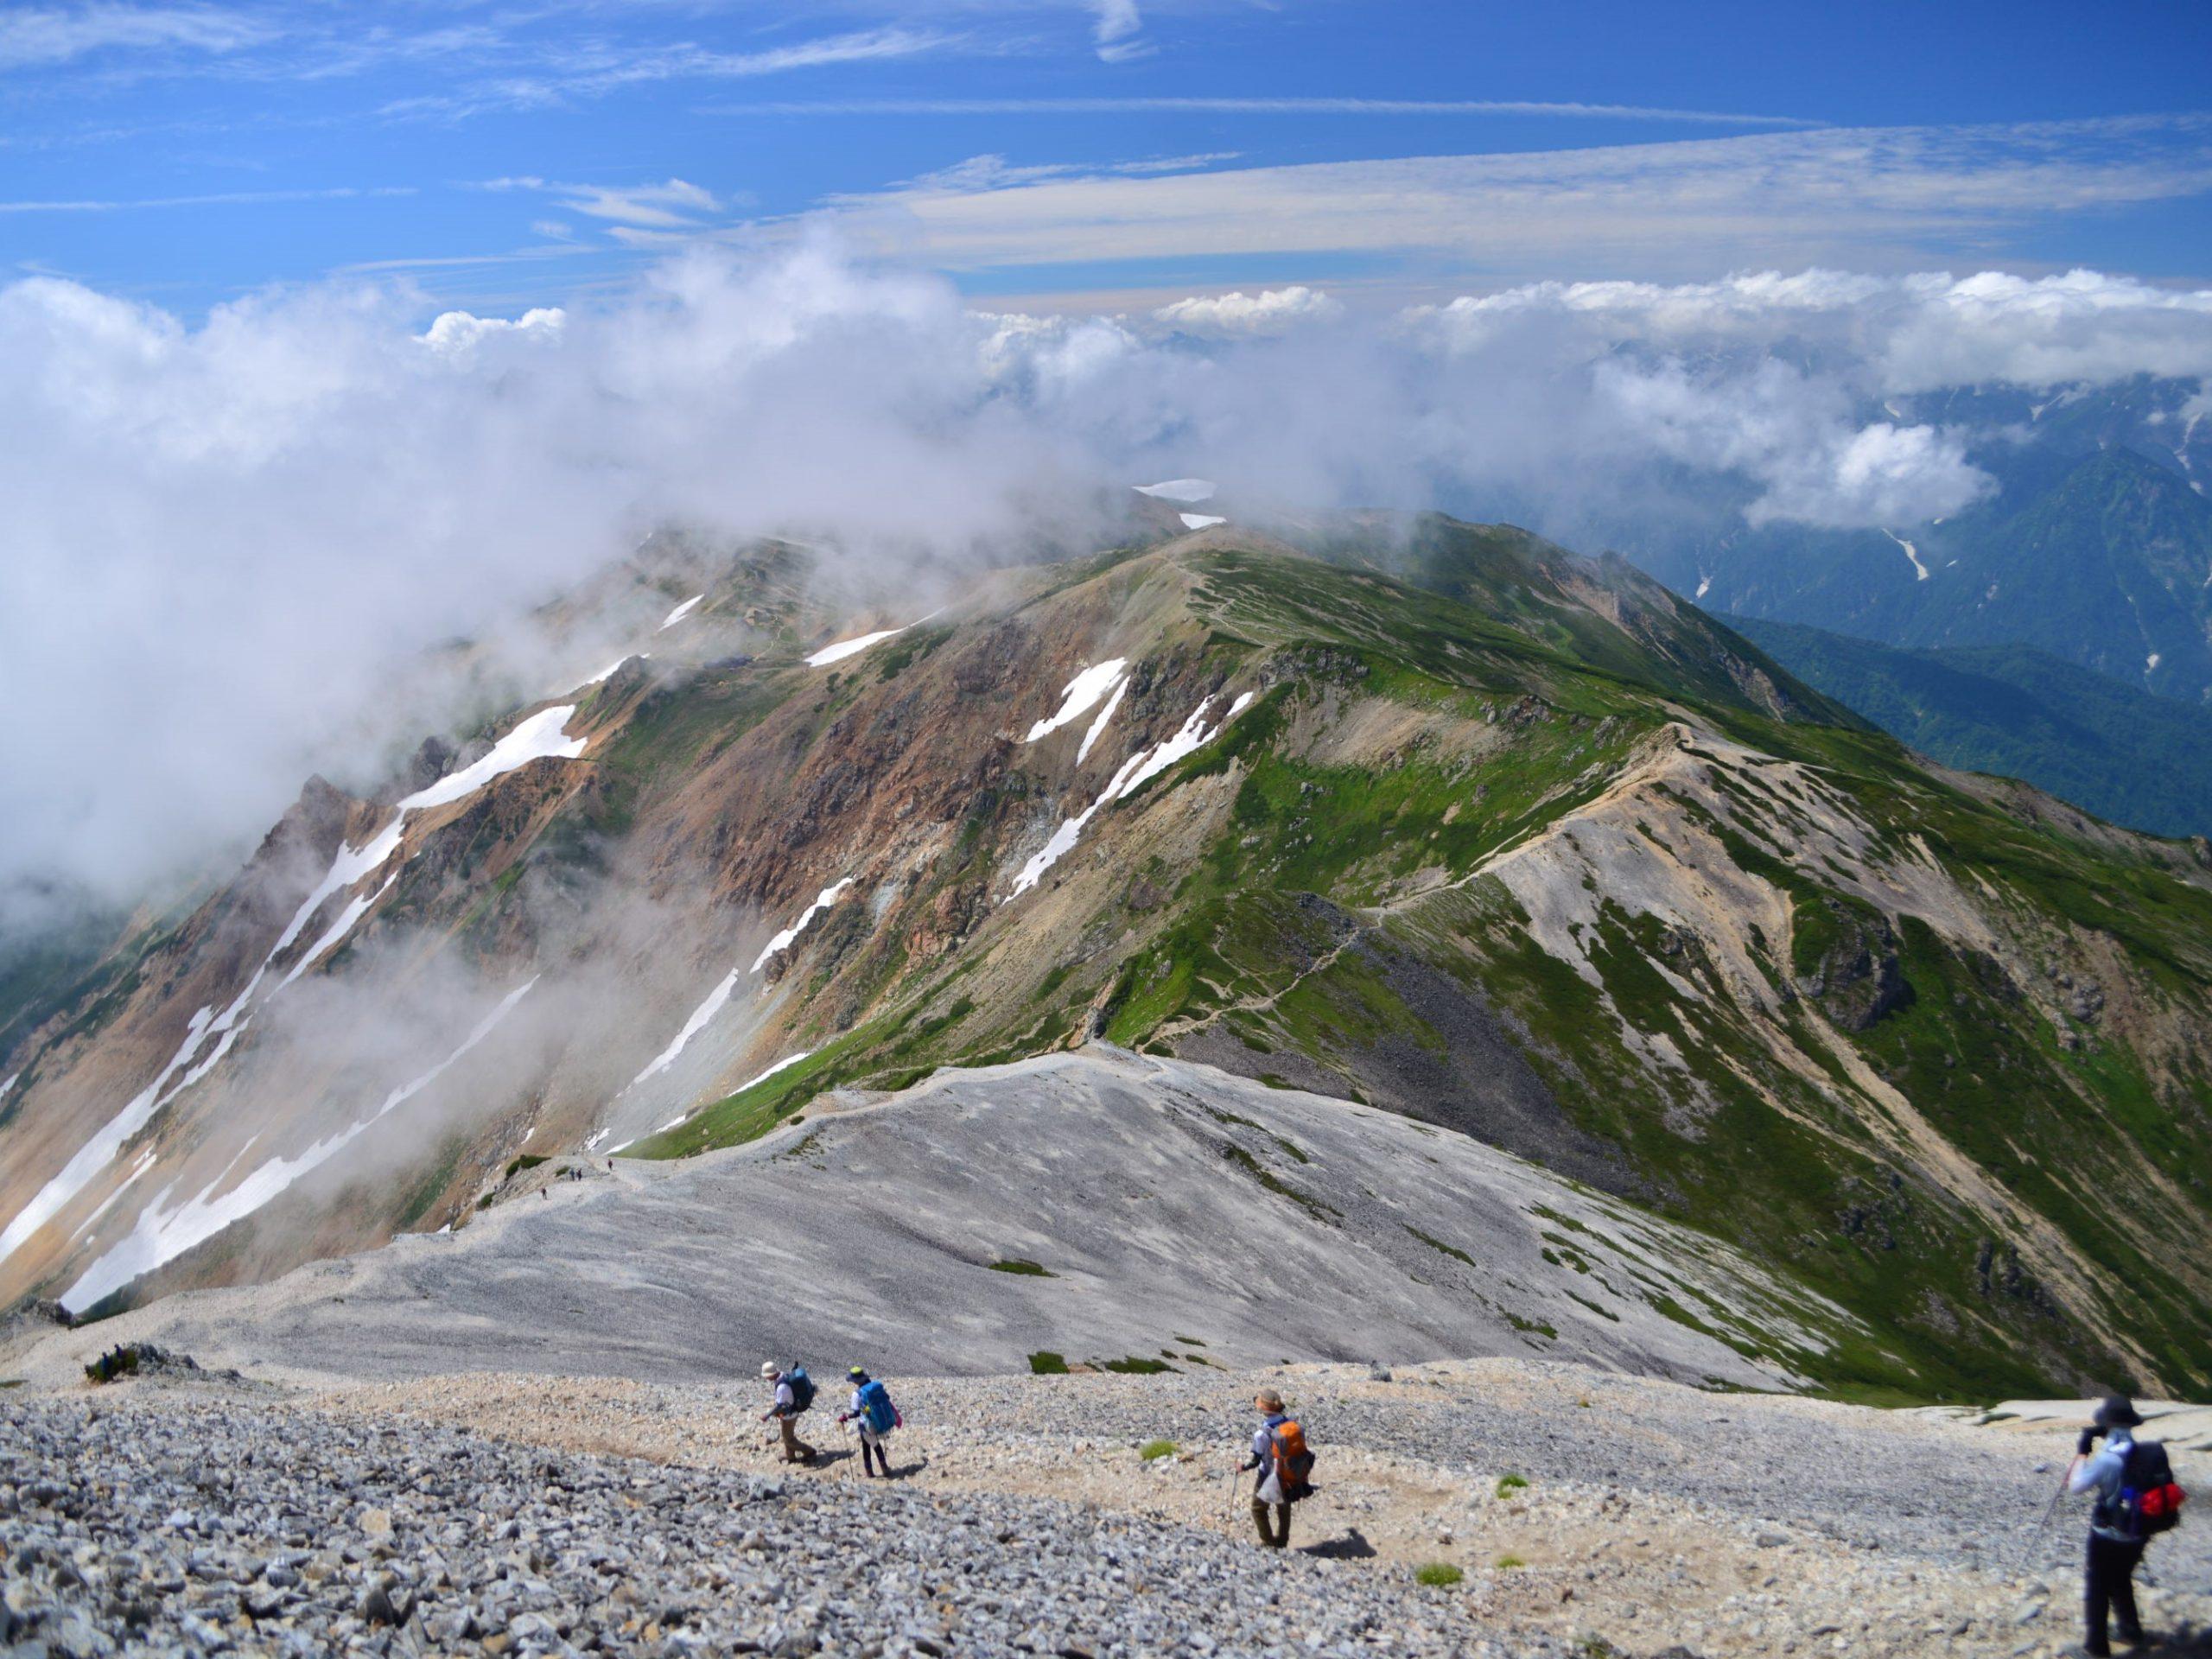 2021.8.27-29 山の講習会中級編《白馬三山》(S8)